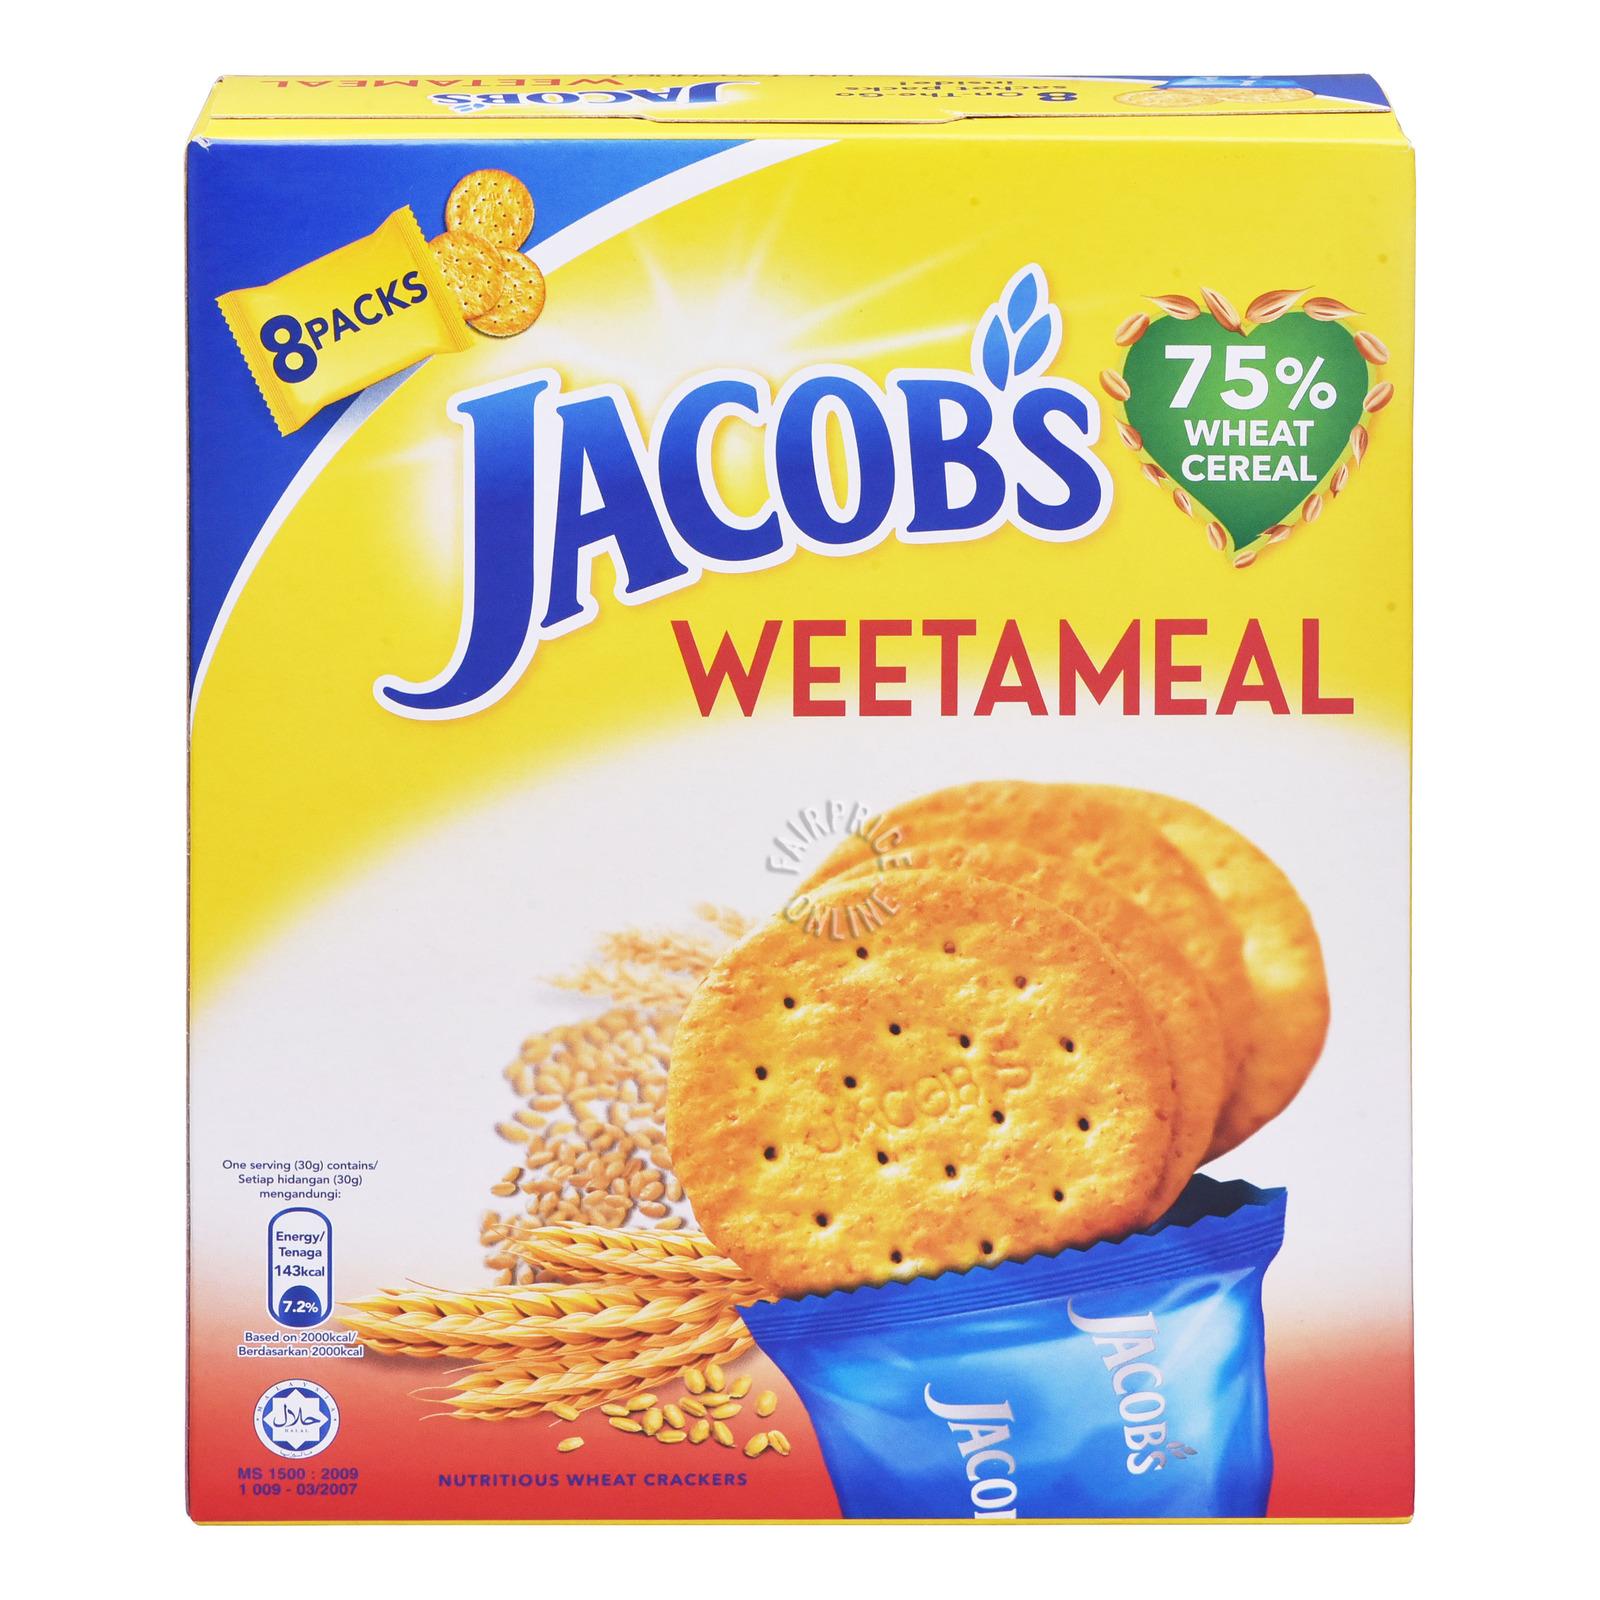 Jacob's Cream Crackers - Weetameal